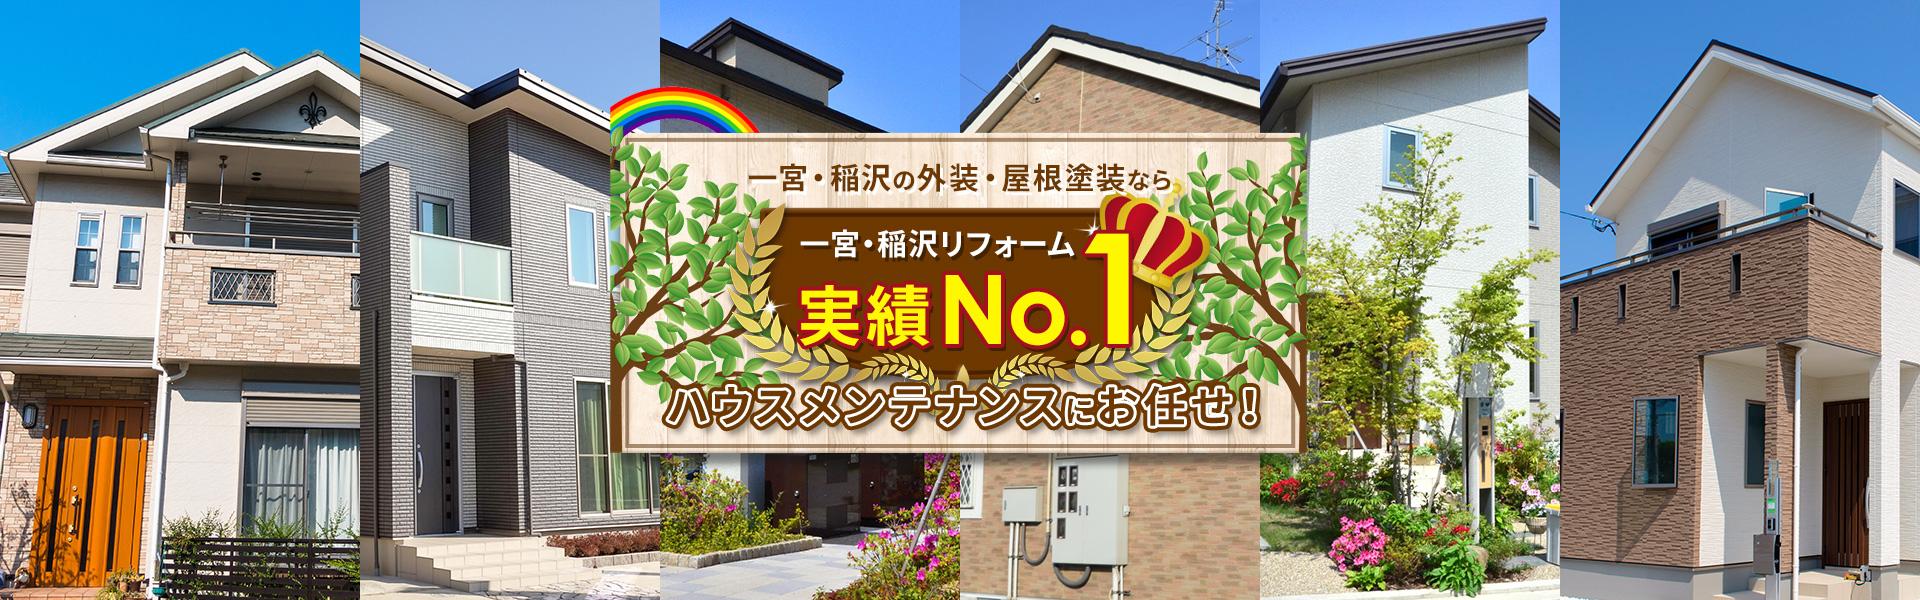 一宮・稲沢も外装・屋根塗装なら一宮。稲沢リフォーム実績No.1ハウスメンテナンスにお任せ!